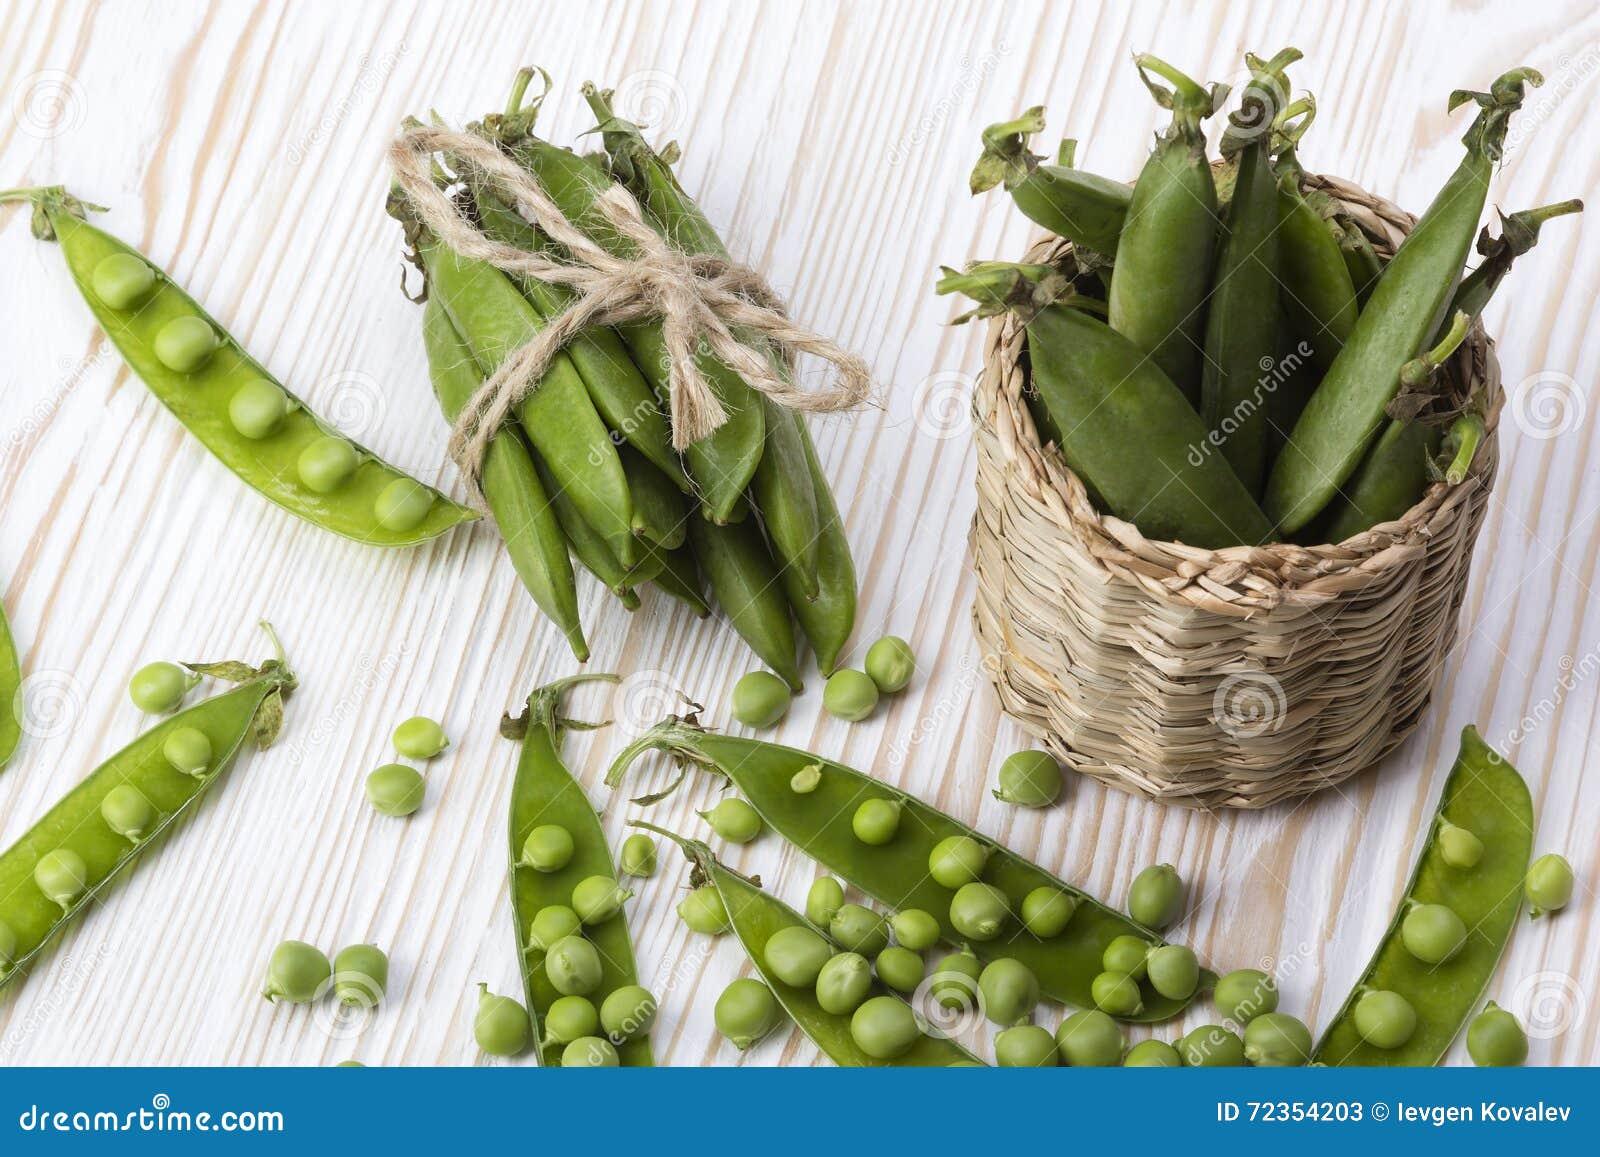 在篮子的新鲜的有机绿豆